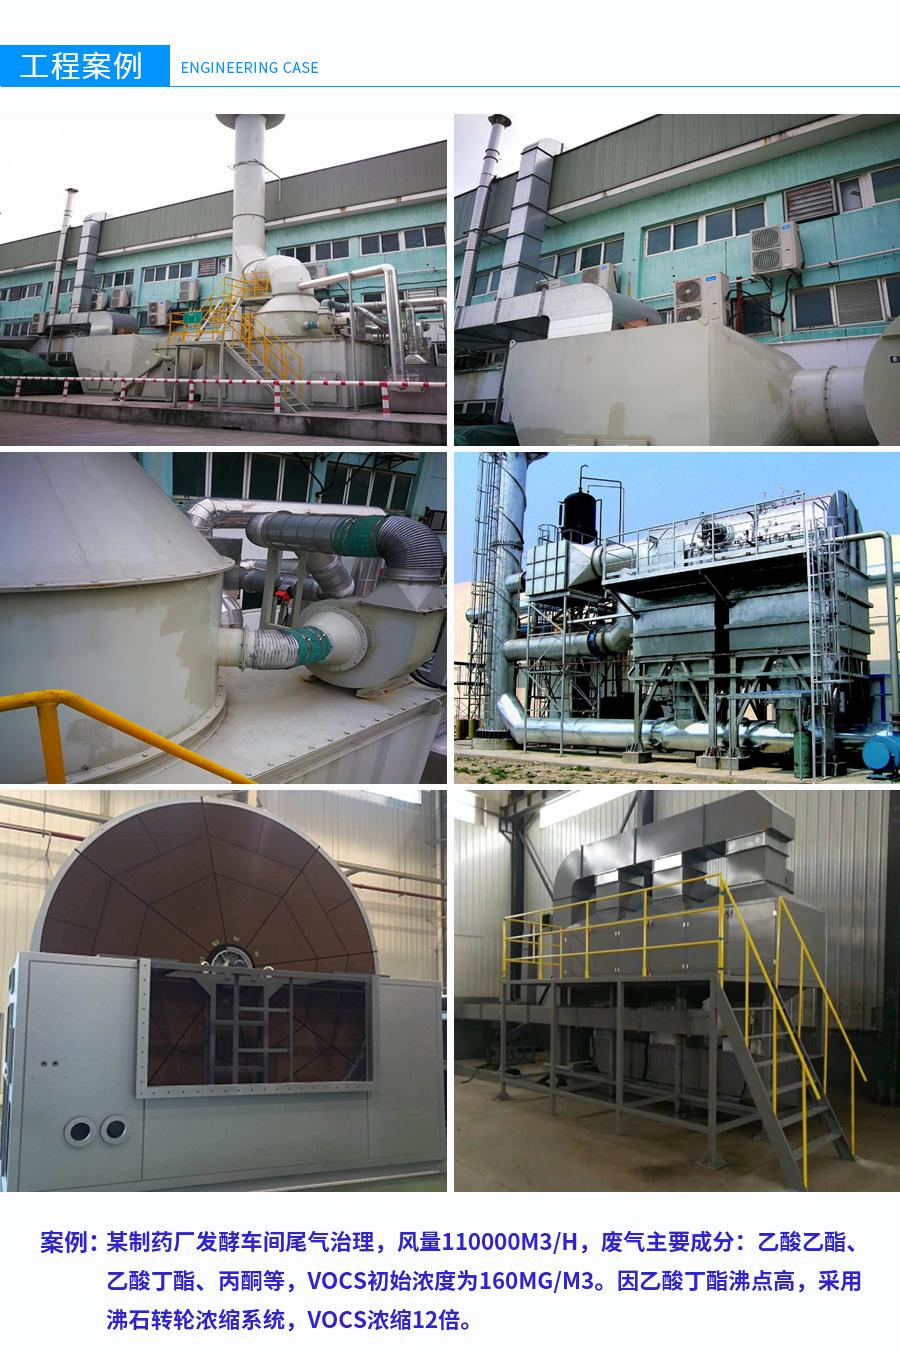 沸石转轮催化燃烧,沸石转轮浓缩+RTO燃烧系统